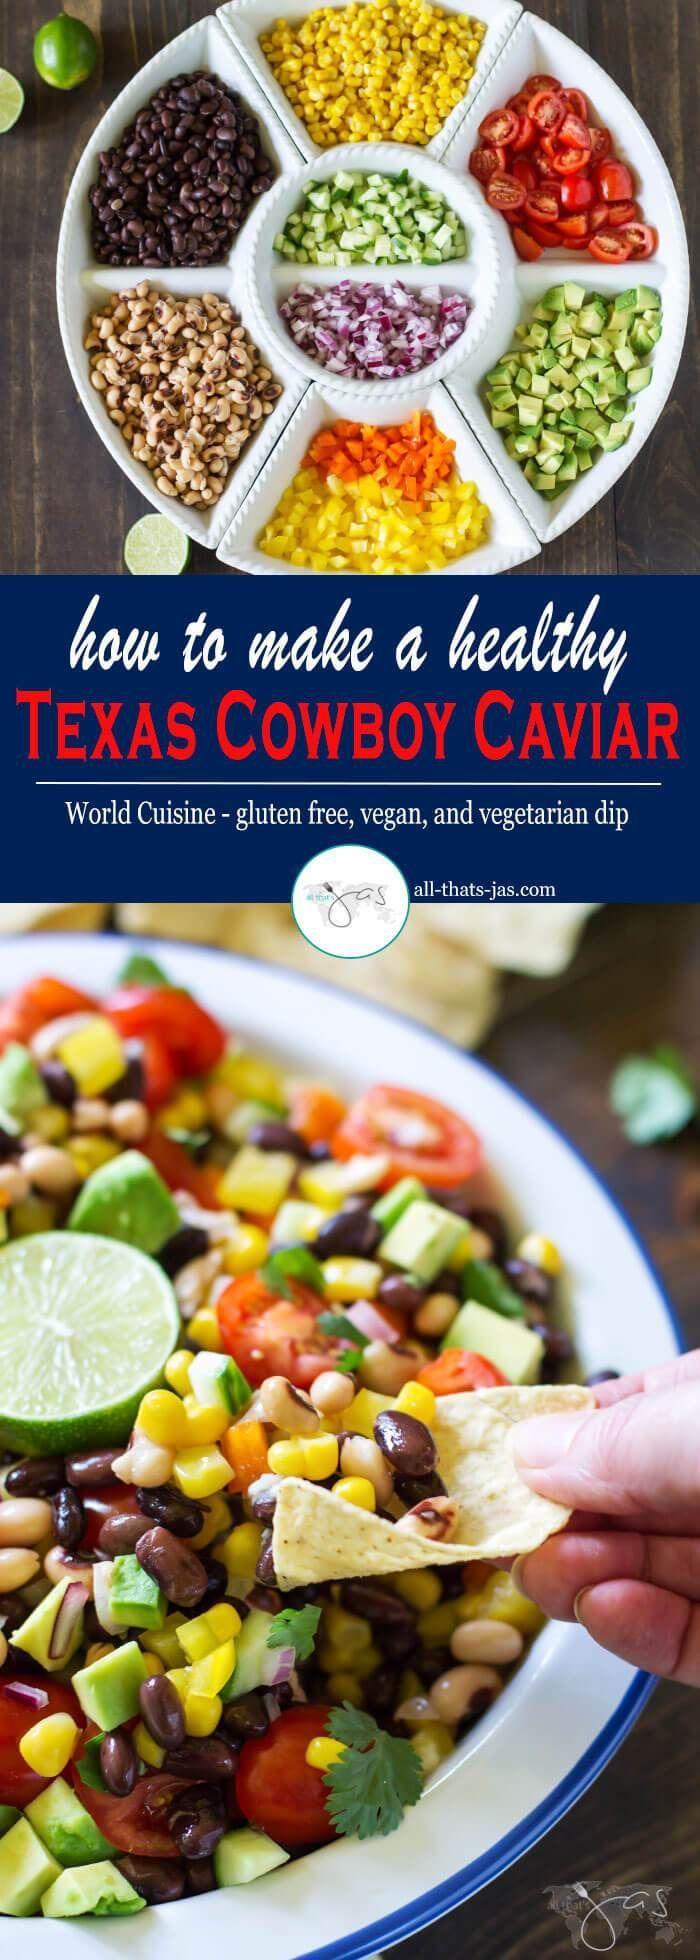 How to Make a Healthy Texas Cowboy Caviar Recipe